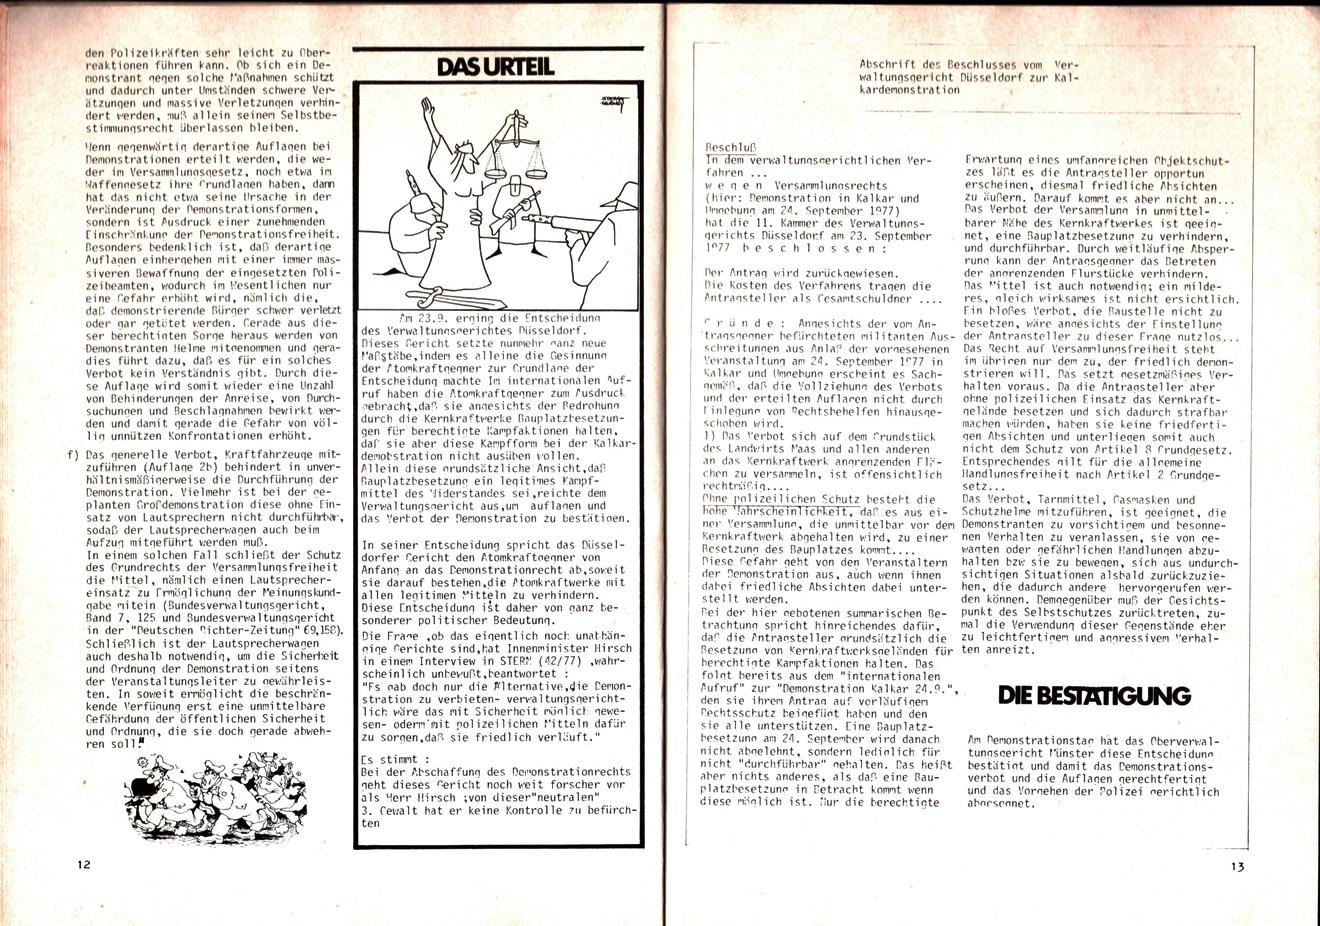 NRW_AKW_1977_Ermittlungsausschuss_zur_Kalkardemonstration_008